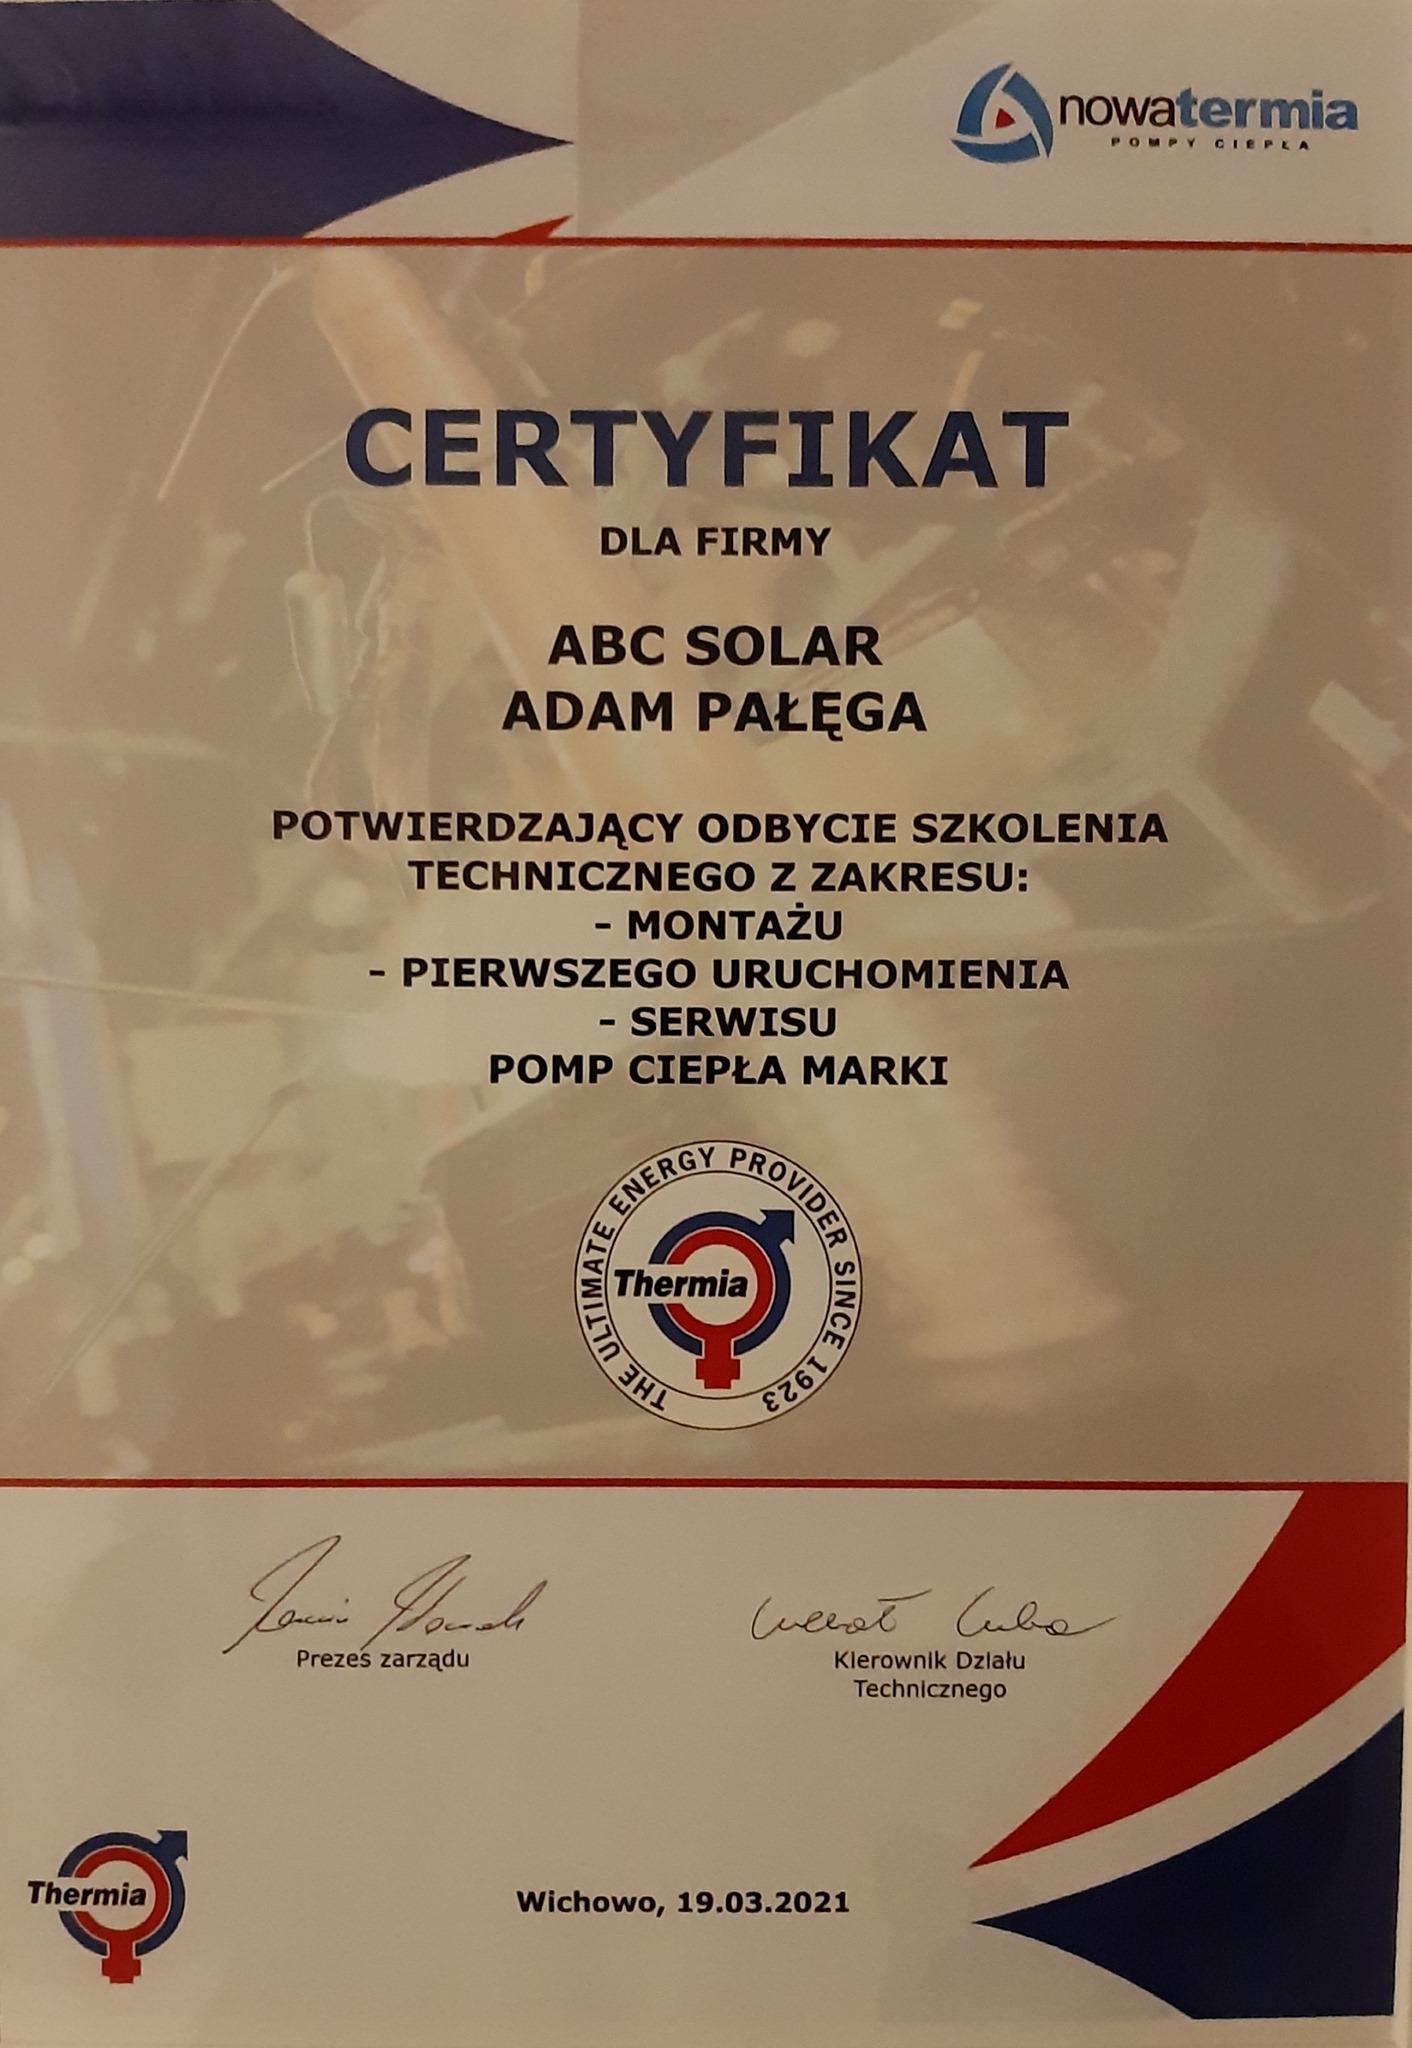 ABC Solar - Certyfikat